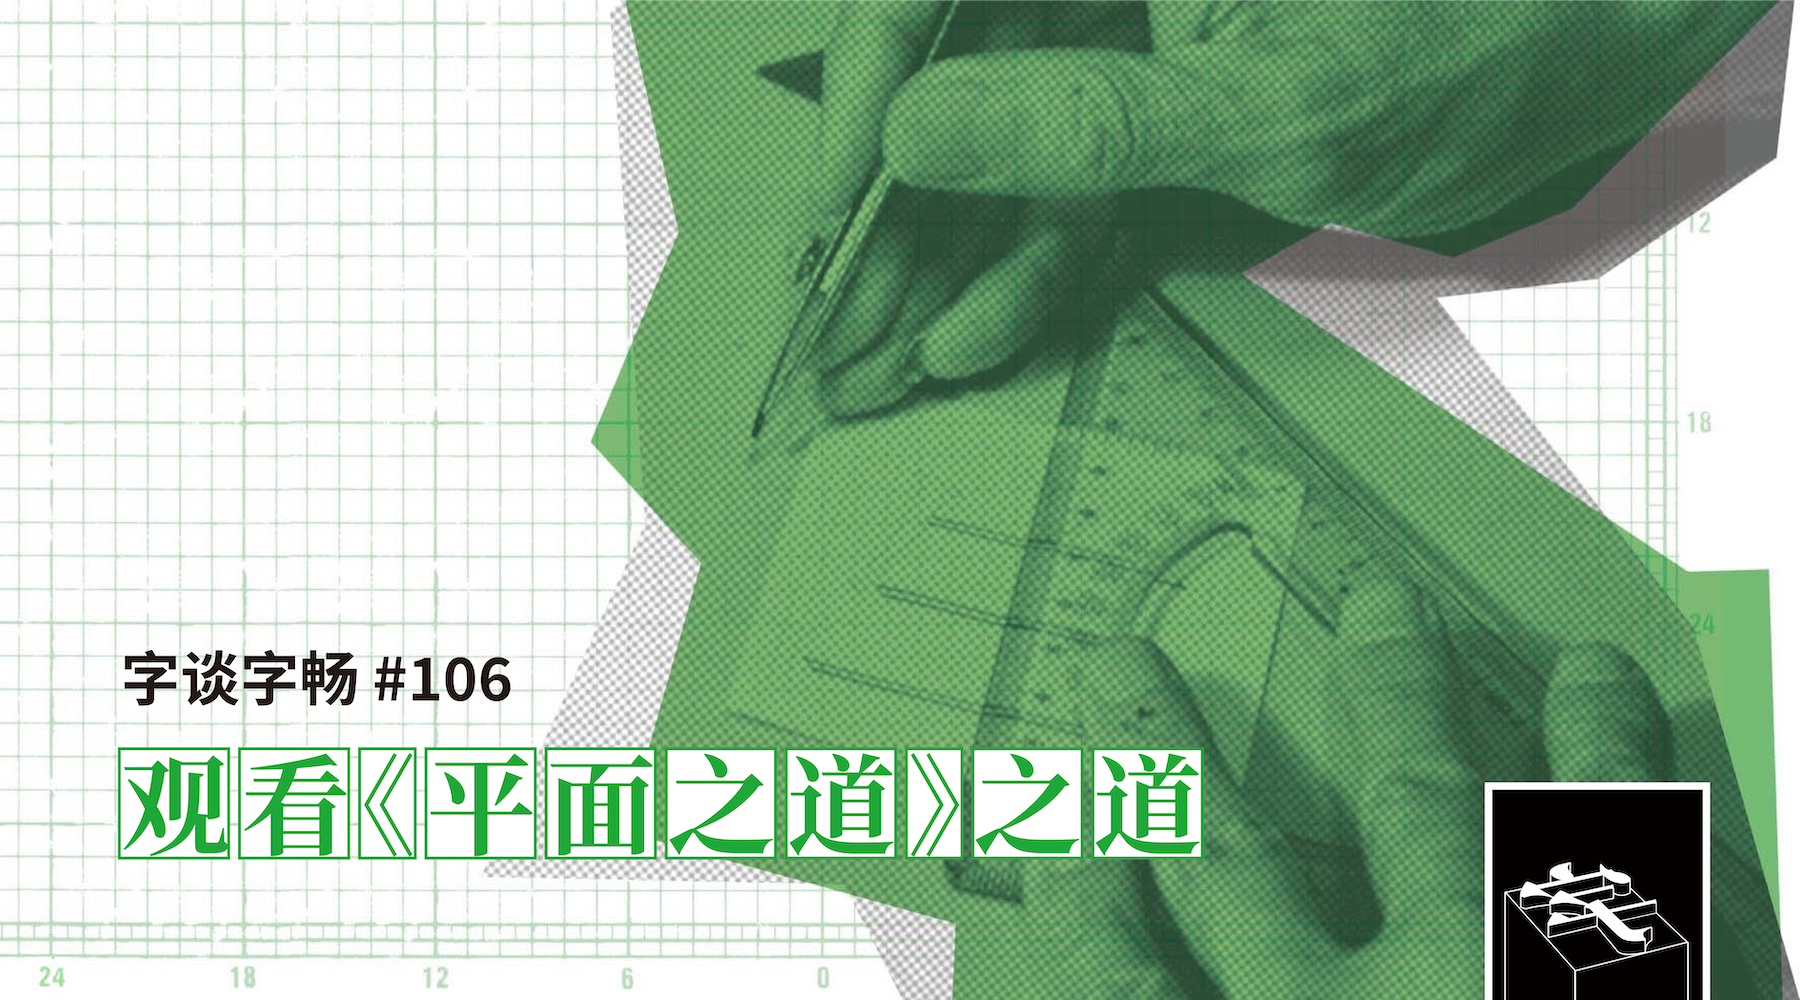 TypeChat #106